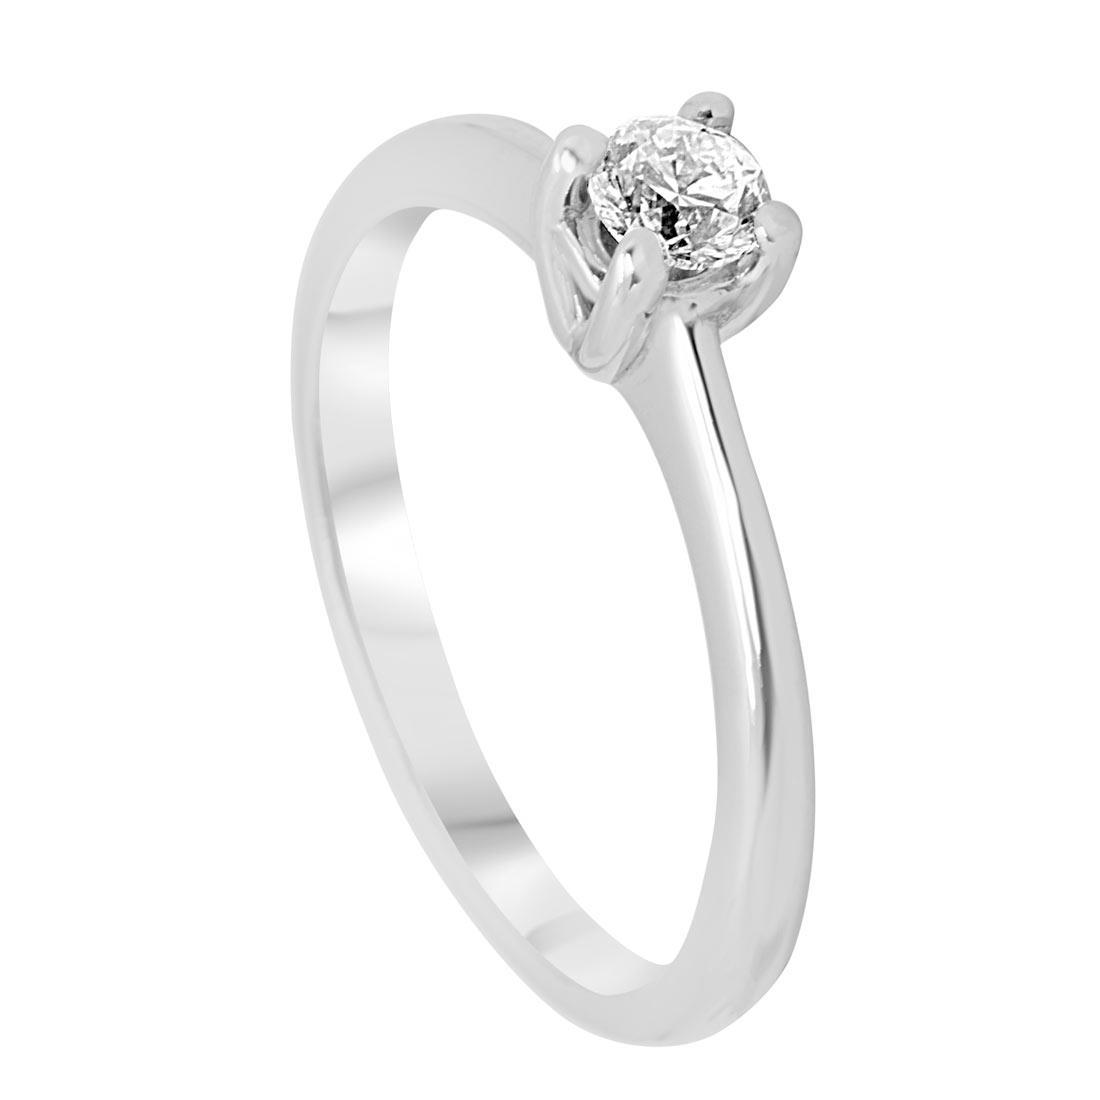 0f73c255fb83 Anillo solitario en oro blanco con diamante 0.25 ct med 13 - ORO CO ...